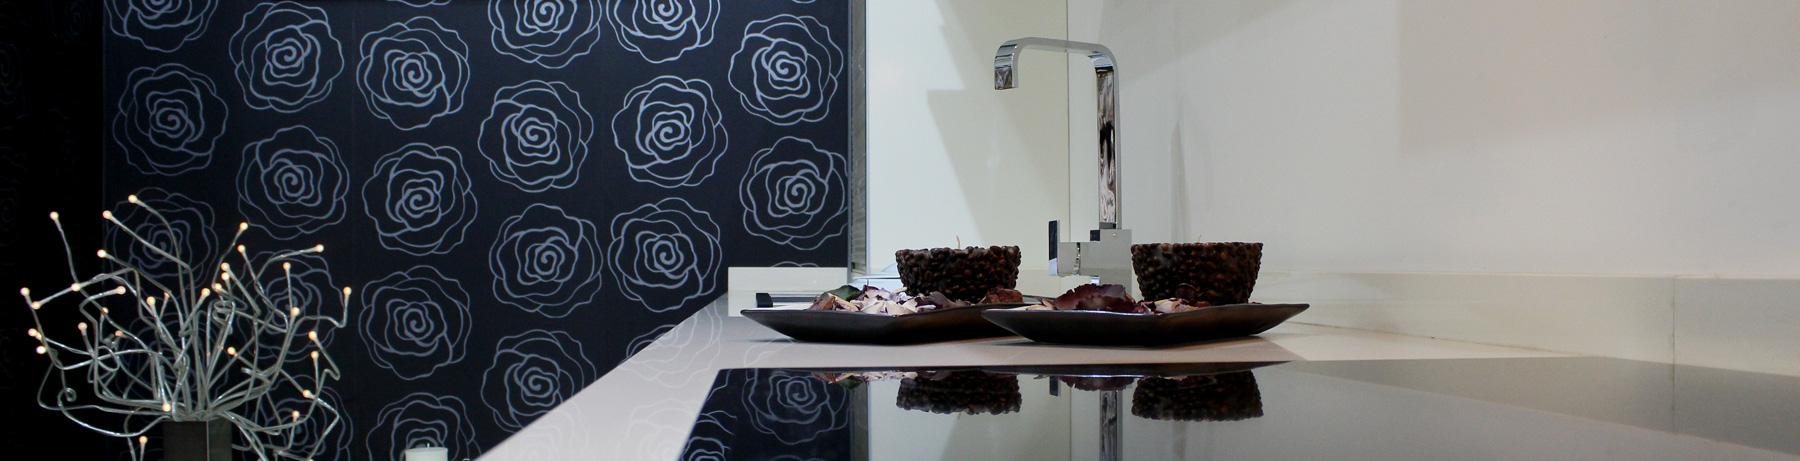 Muebles de cocina en sevilla milanuncios muebles cocina for Muebles de cocina baratos en sevilla